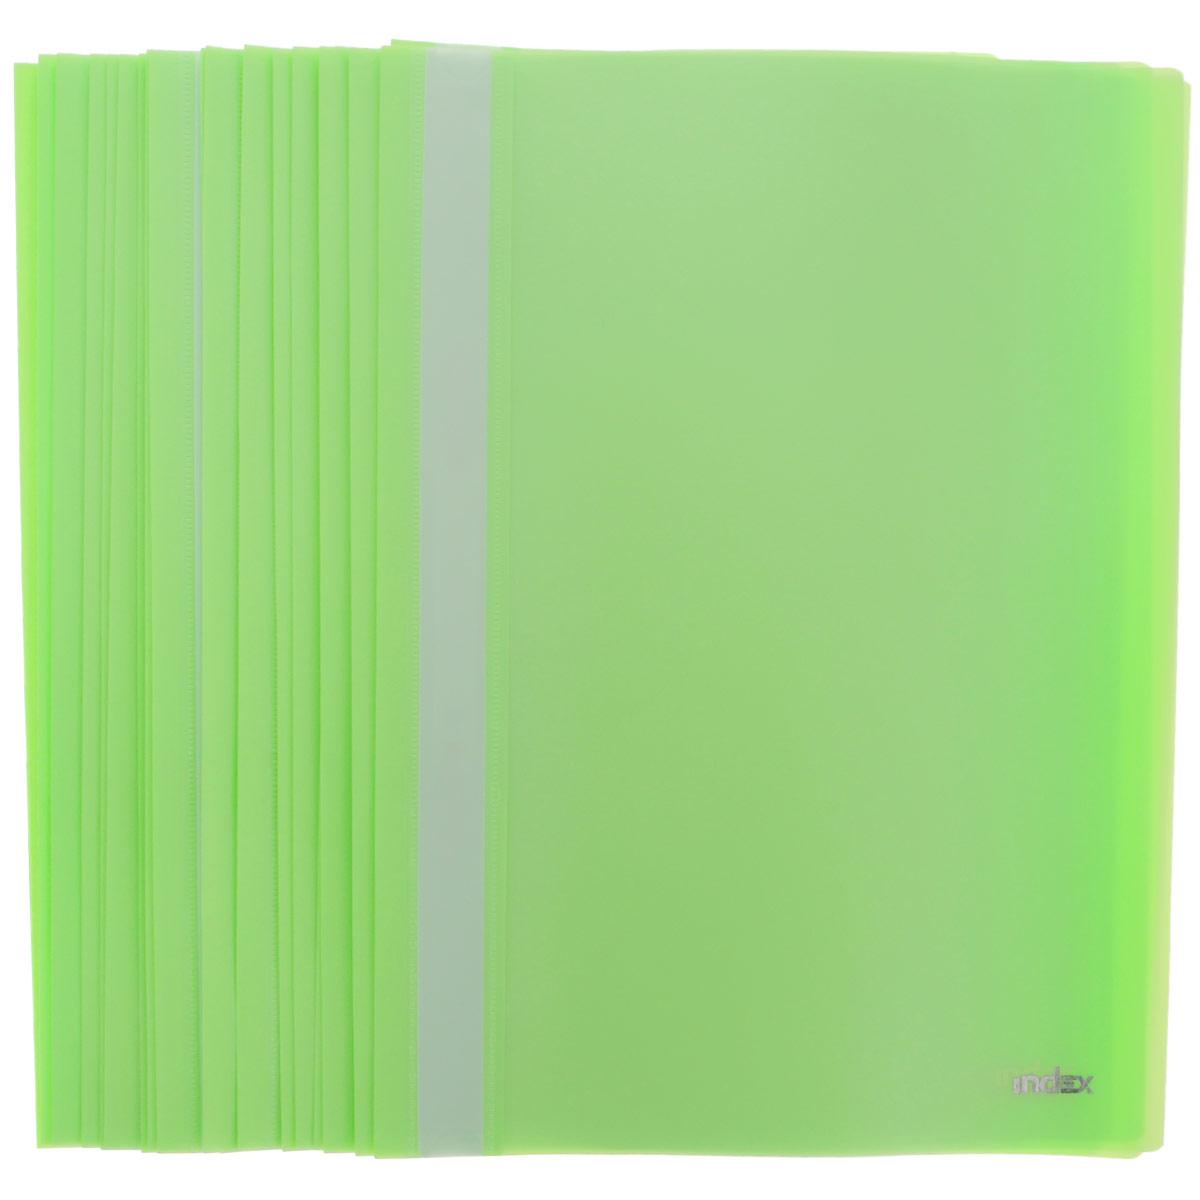 Папка-скоросшиватель Index, цвет: салатовый. Формат А4, 20 штFS-36052Папка-скоросшиватель Index, изготовленная из высококачественного полипропилена, это удобный и практичный офисный инструмент, предназначенный для хранения и транспортировки рабочих бумаг и документов формата А4. Папка оснащена верхним прозрачным матовым листом и металлическим зажимом внутри для надежного удержания бумаг. В наборе - 20 папок.Папка-скоросшиватель - это незаменимый атрибут для студента, школьника, офисного работника. Такая папка надежно сохранит ваши документы и сбережет их от повреждений, пыли и влаги.Комплектация: 20 шт.